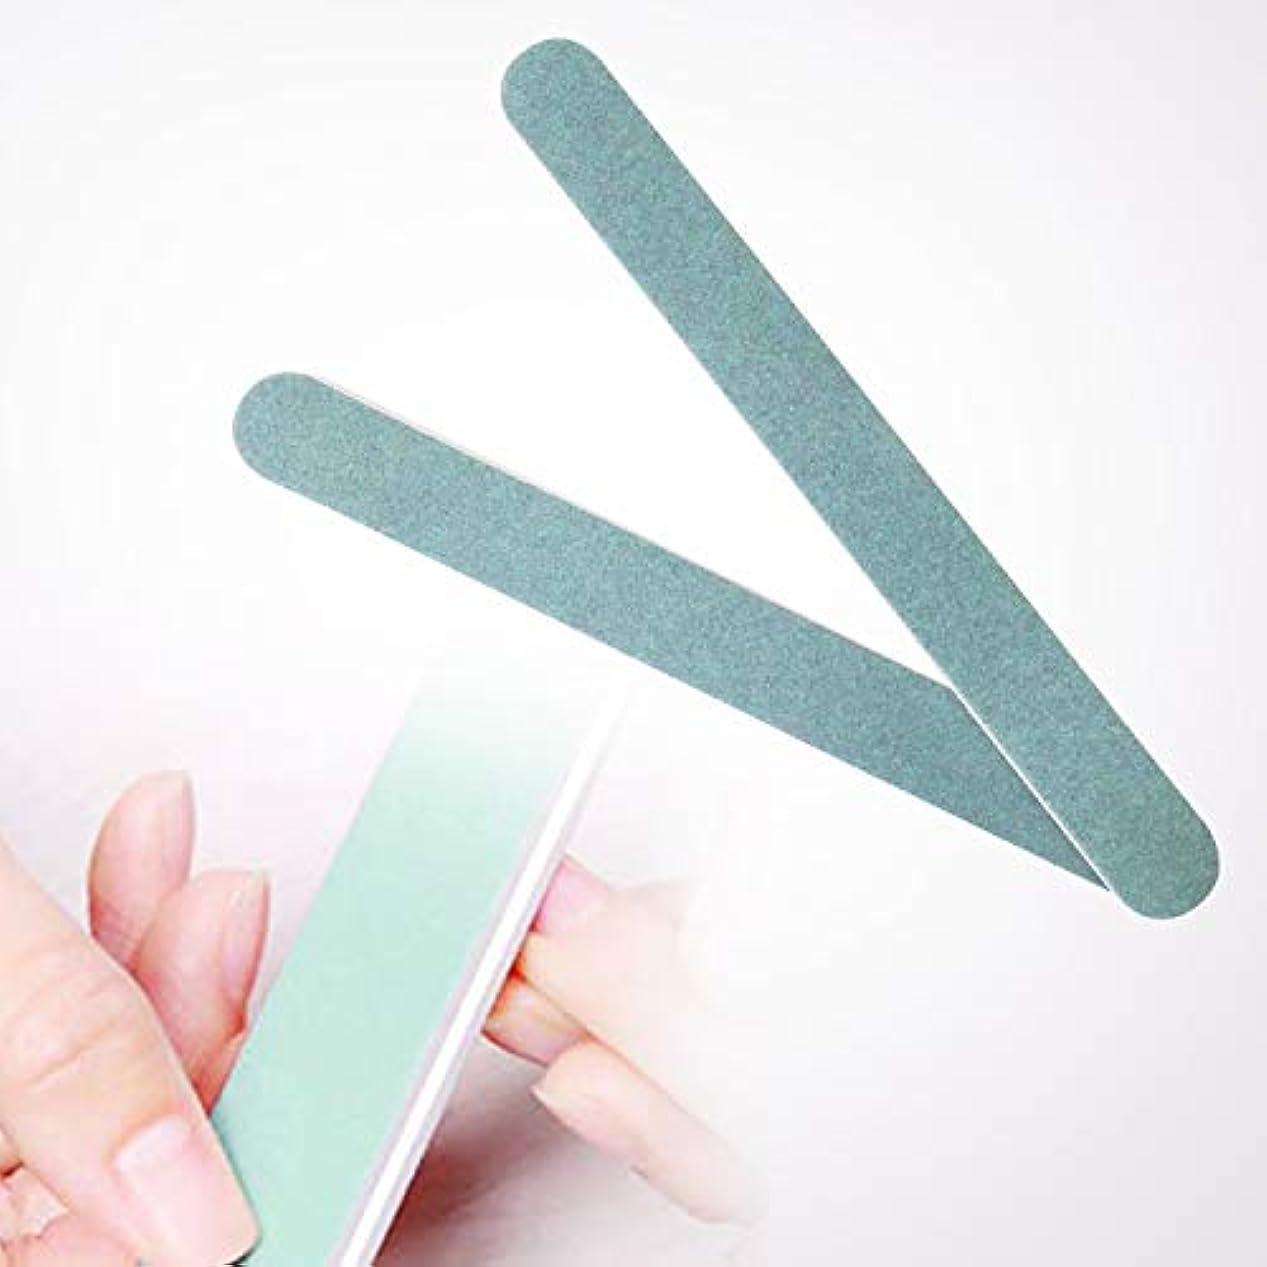 ツイン勝者追加urlifeエリコネイル エメリーボード パーフェクトシャイン ネイルをつやつやにするスポンジネイルファイル 両面使えるマニキュアDIYのソフトファイル 爪磨き 爪に優しい爪やすり 2本入